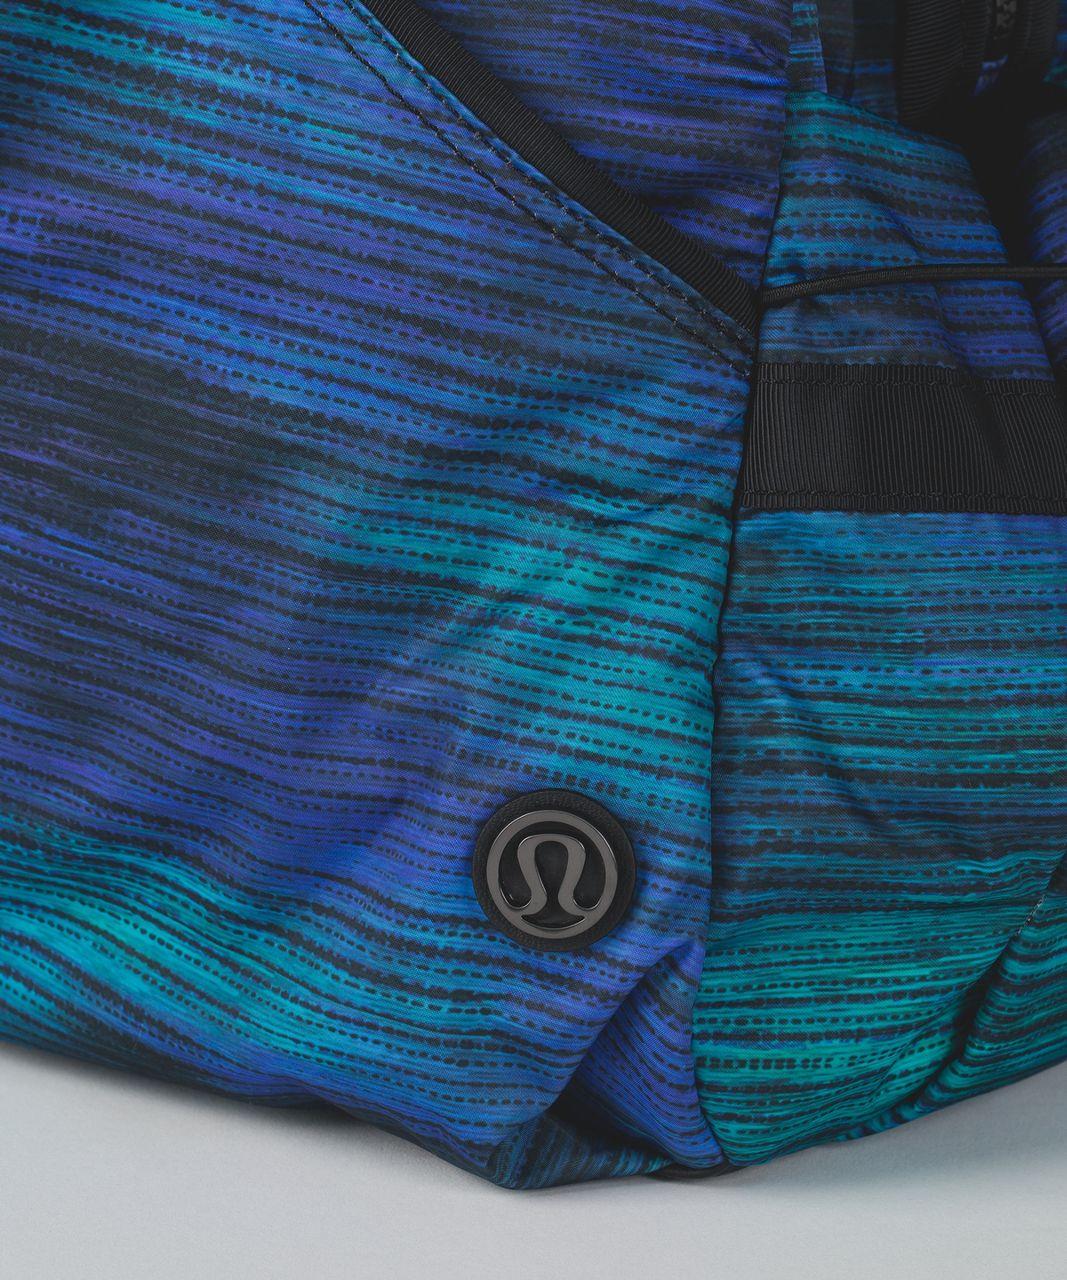 Lululemon Extra Mile Duffel - Windy Wash Multi / Black